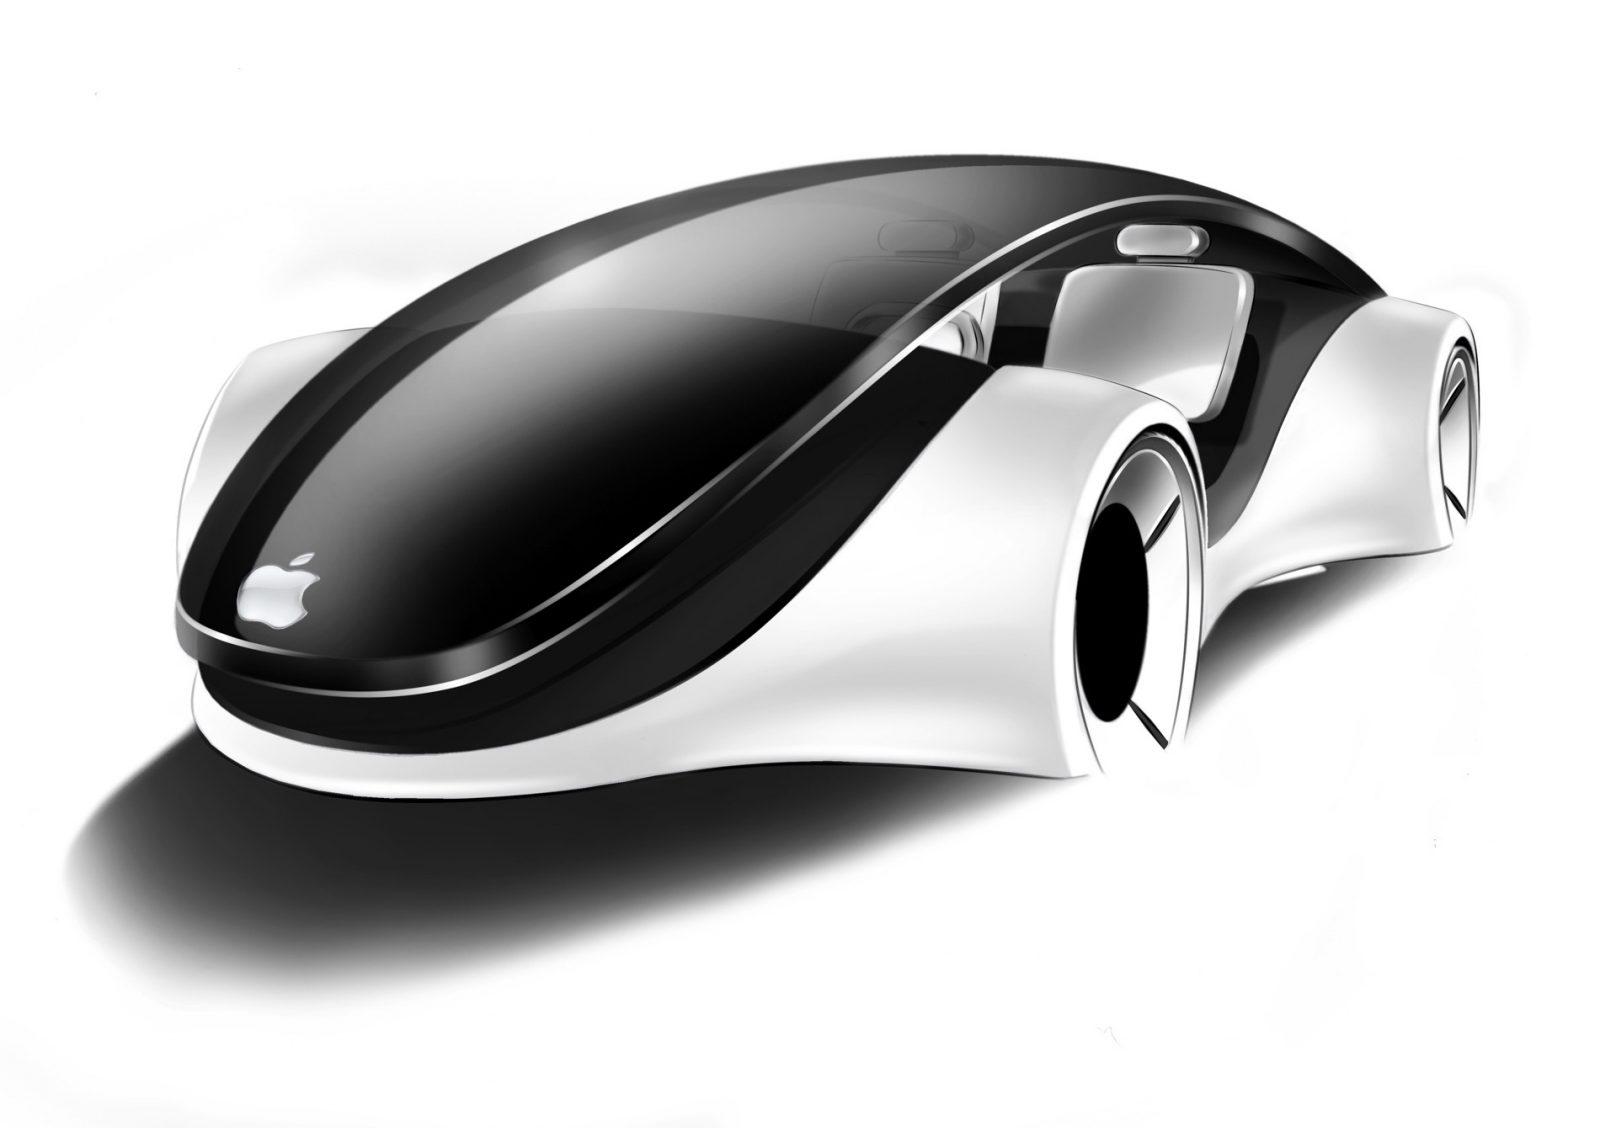 Samochód od Apple coraz bardziej materialny